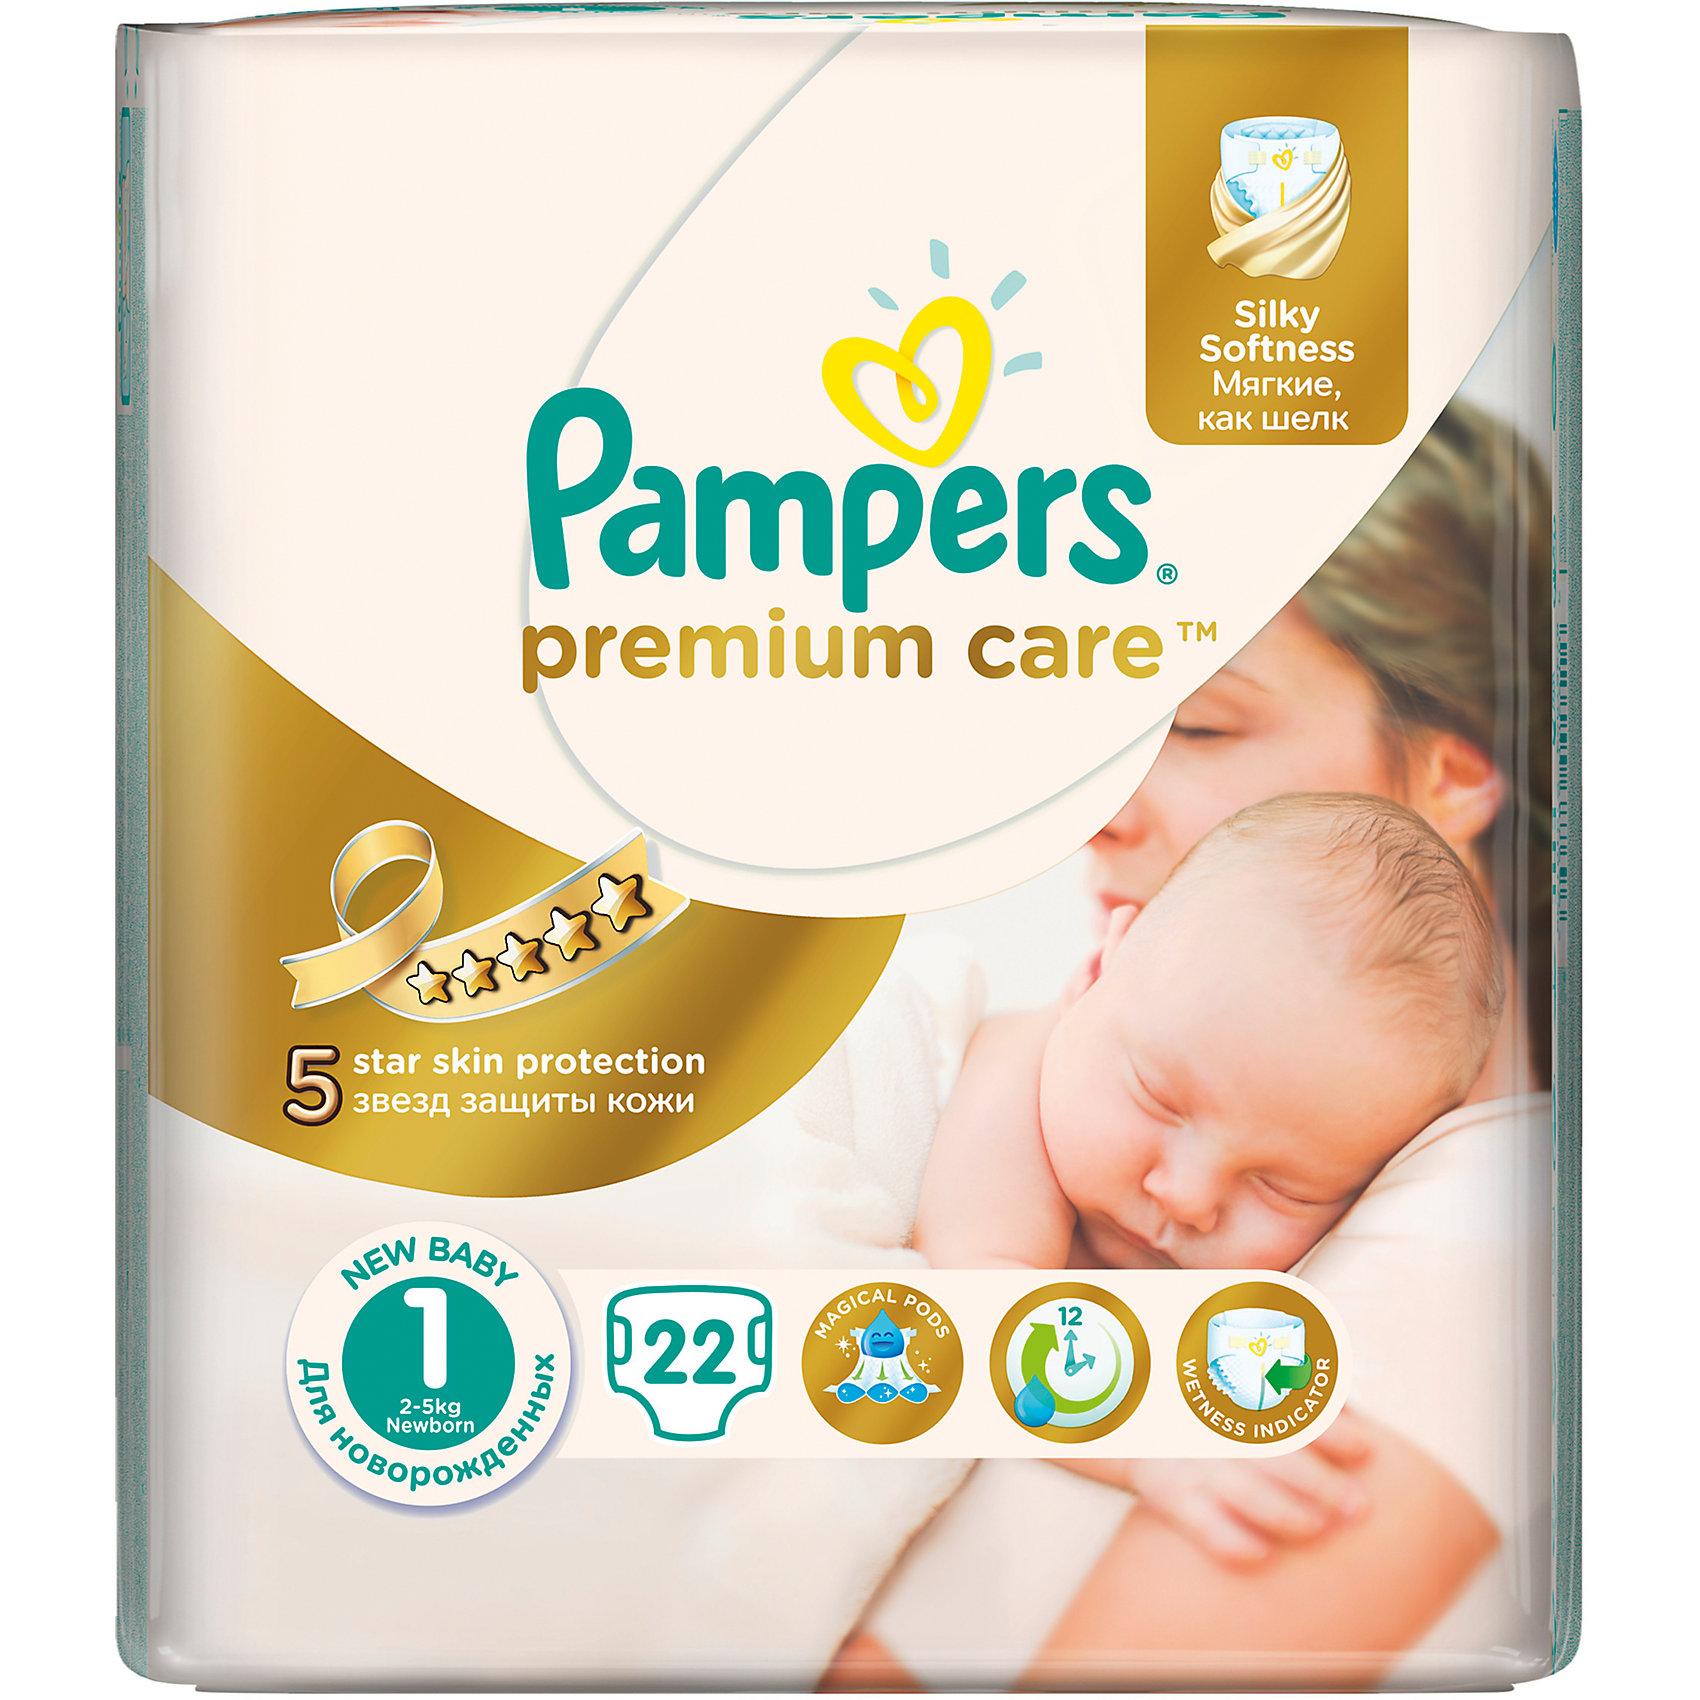 Подгузники Pampers Premium Care Newborn, 2-5 кг., 22 шт.Подгузники Pampers Premium Care Newborn (Памперс премиум кеа), 2-5 кг., 22 шт.<br><br>Характеристики:<br><br>• мягкие как шелк<br>• впитывающие каналы равномерно распределяют влагу<br>• удерживают влагу до 12 часов<br>• дышащие материалы обеспечивают правильную циркуляцию воздуха<br>• индикатор влаги подскажет, что нужно сменить подгузник<br>• эластичные боковинки защищают от протеканий<br>• вырез для пупка<br>• состав бальзама: вазелин, стеариловый спирт, экстракт алоэ, жидкий вазелин/вазелиновое масло<br>• размер: 2-5 кг<br>• количество: 22 шт.<br>• размер упаковки: 22,5х24,3х42,8 см<br>• вес: 436 грамм<br><br>Новорожденный малыш еще совсем не ориентируется в новом для него мире. Позаботьтесь о комфорте крохи с подгузниками Pampers Premium Care Newborn. Они мягкие, словно шелк и не вызывают раздражения на нежной коже. Впитывающие каналы быстро абсорбируют влагу, распределяют её по всему подгузнику и удерживают до 12 часов без образования комков. Дышащие материалы помогут обеспечить правильную циркуляцию воздуха, чтобы кожа малыша всегда могла дышать. <br><br>Индикатор влаги напомнит вам о необходимости смены подгузника. Подгузники имеют эластичные боковинки, которые очень удобны для ребенка и дополнительно защищают от протеканий. Специальный вырез для пупка защитит пупочную ранку от травмирования, препятствующего нормальному заживлению.<br><br>Подгузники Pampers Premium Care Newborn (Памперс премиум кеа), 2-5 кг., 22 шт. можно купить в нашем интернет-магазине.<br><br>Ширина мм: 428<br>Глубина мм: 243<br>Высота мм: 225<br>Вес г: 436<br>Возраст от месяцев: 0<br>Возраст до месяцев: 6<br>Пол: Унисекс<br>Возраст: Детский<br>SKU: 5422939